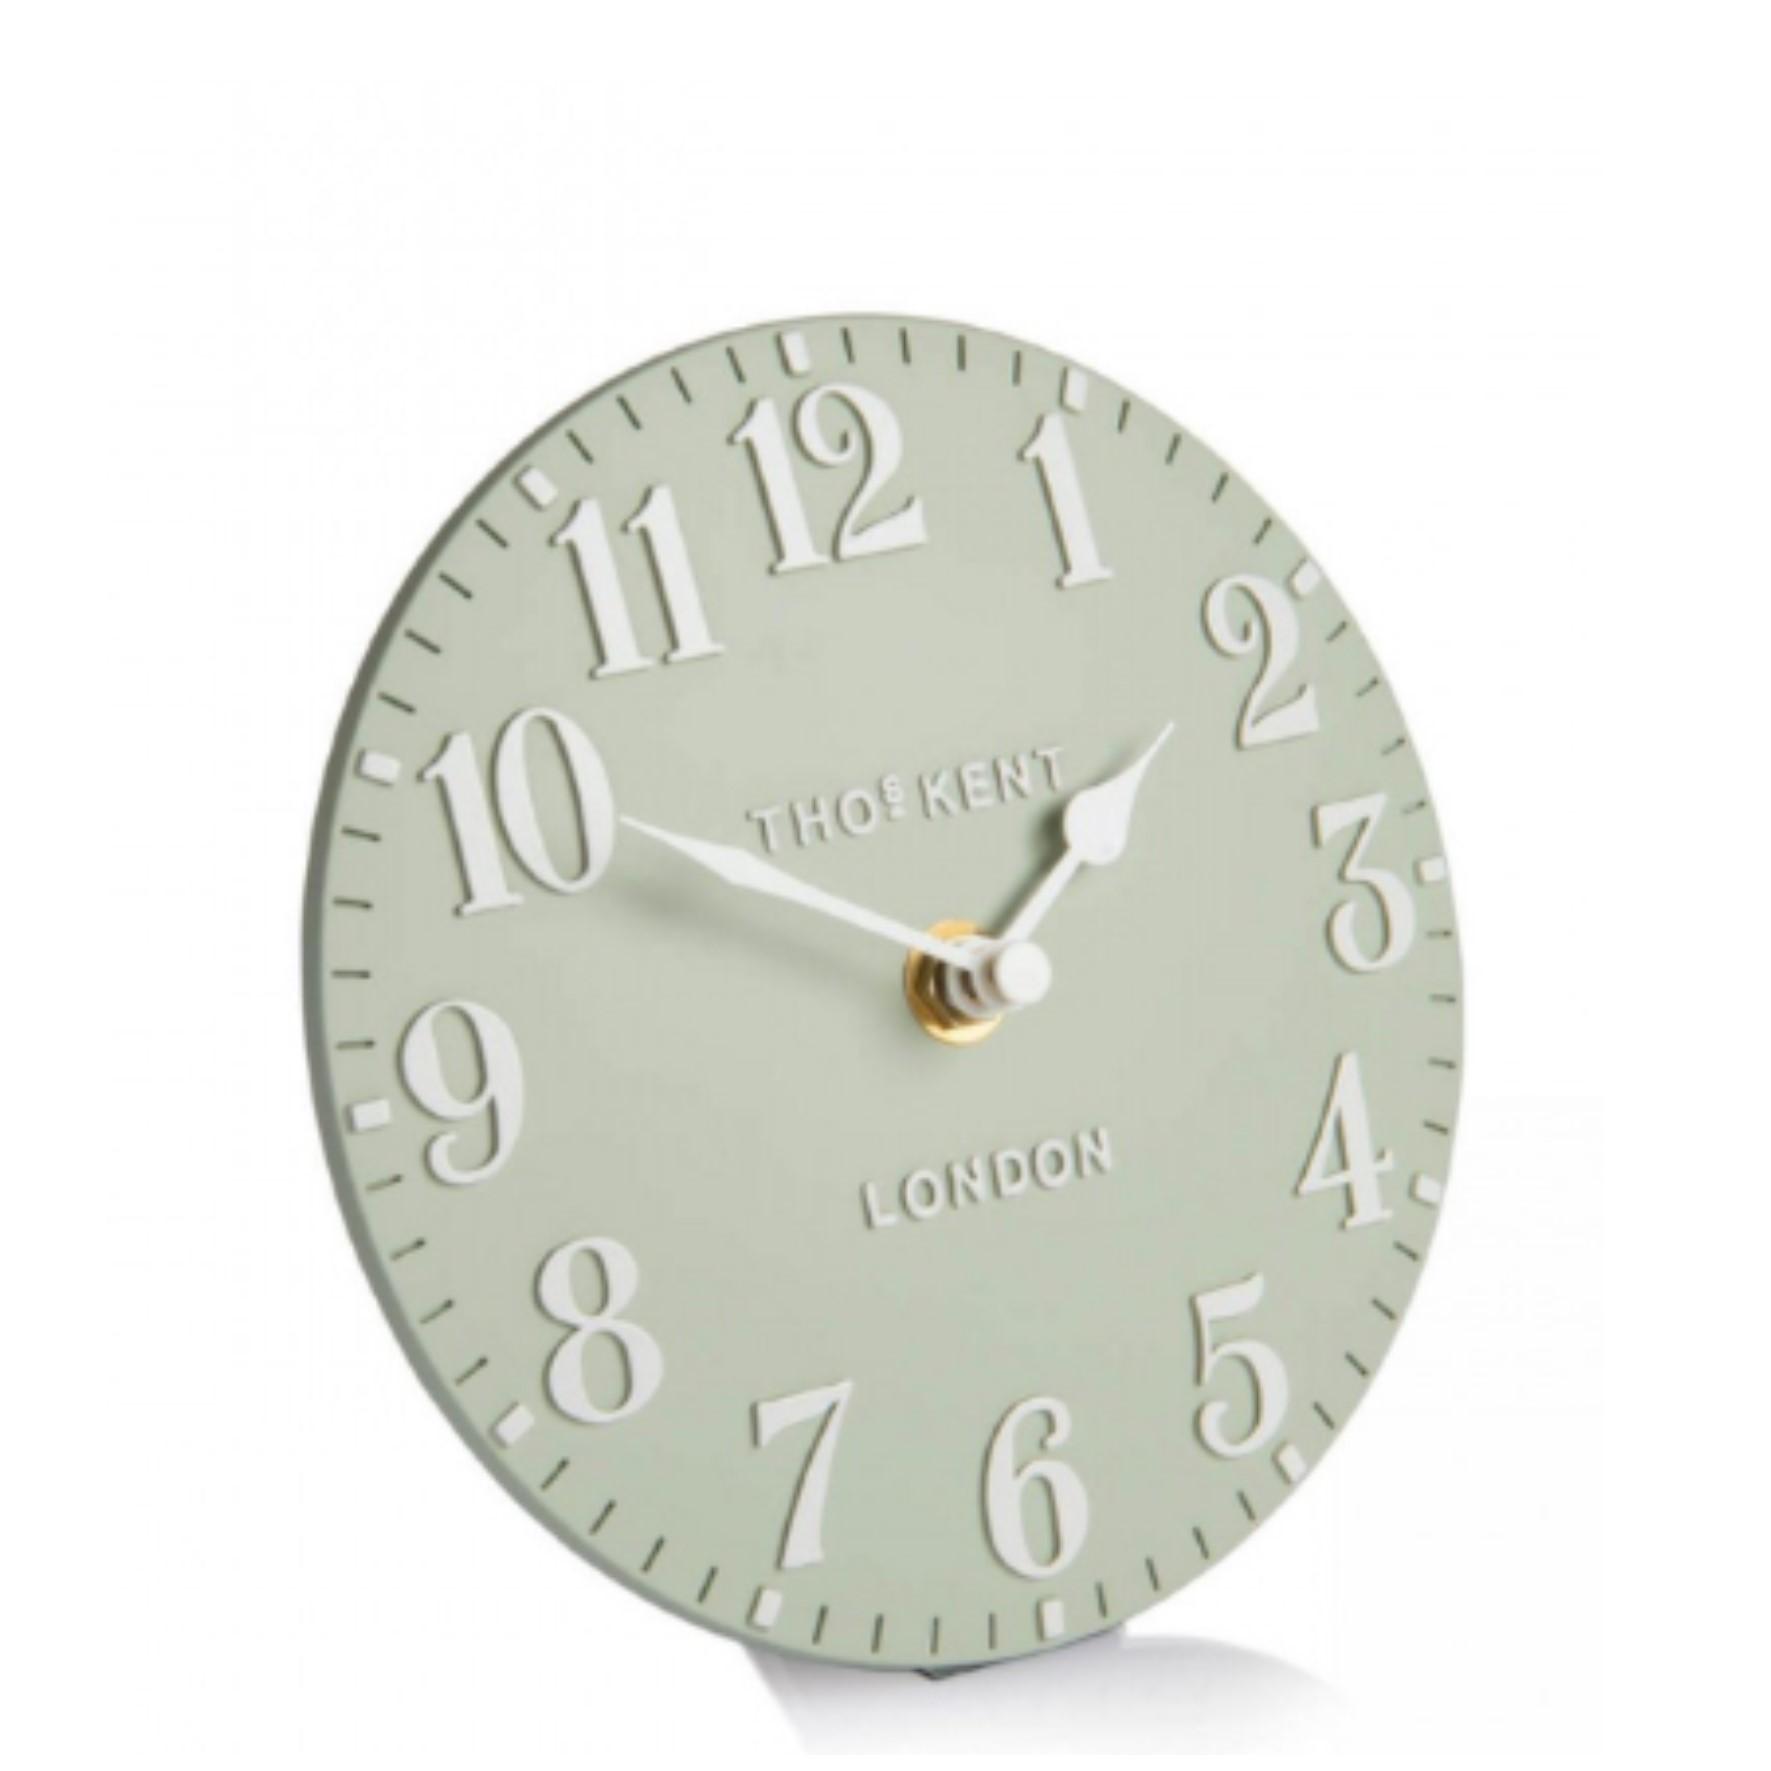 6inch Arabic Mantel Clock